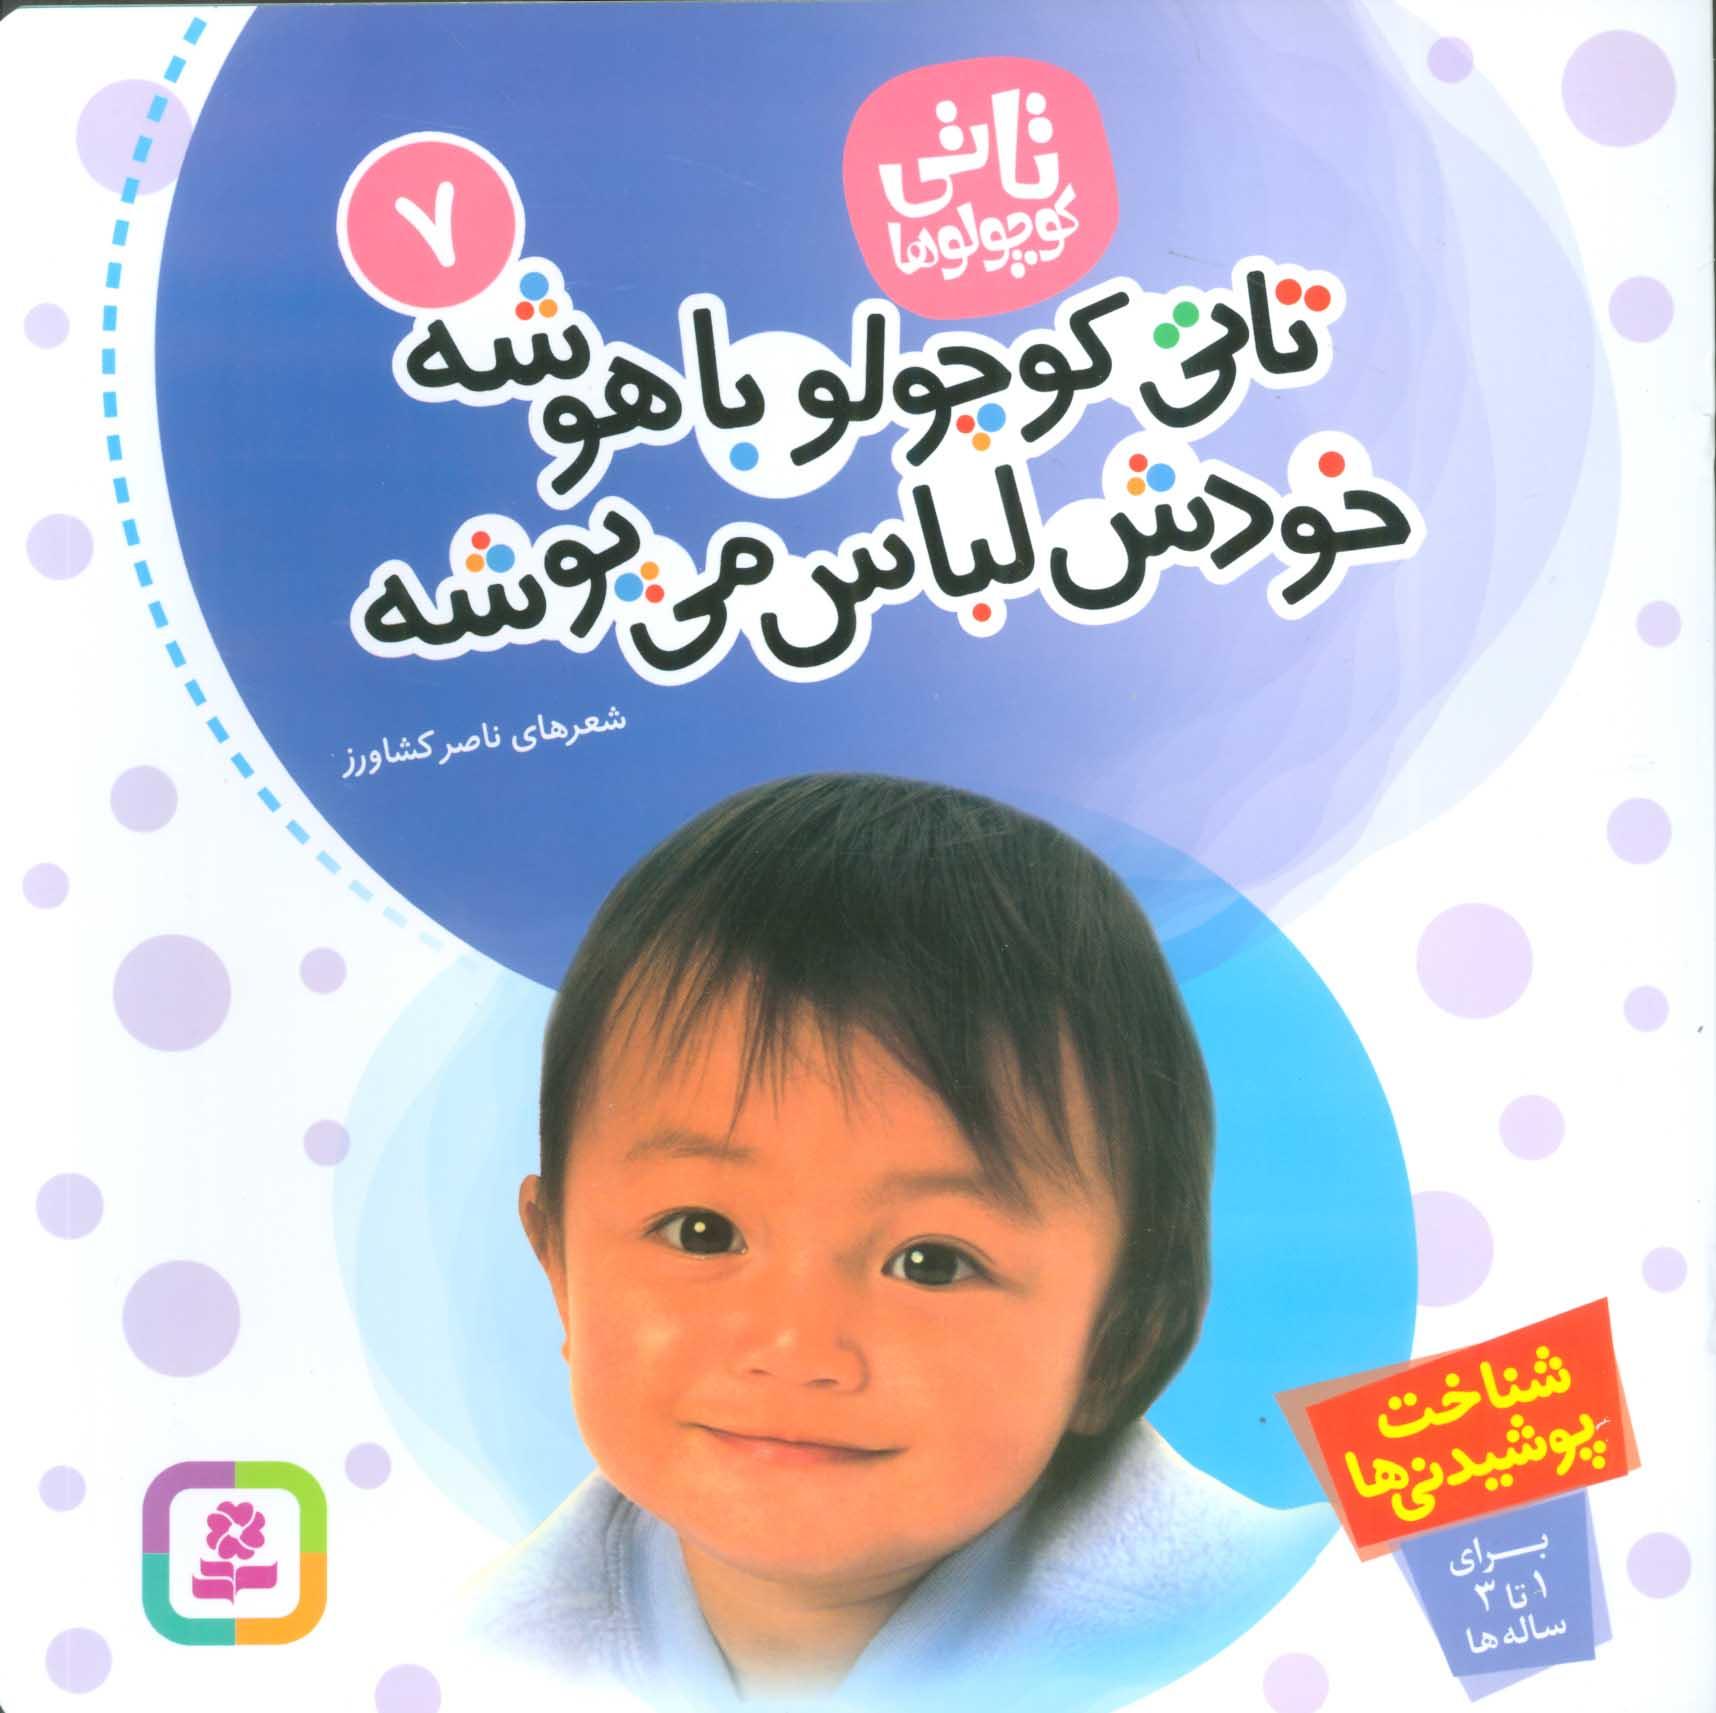 تاتی کوچولوها 7 (تاتی کوچولو باهوشه خودش لباس می پوشه)،(گلاسه)